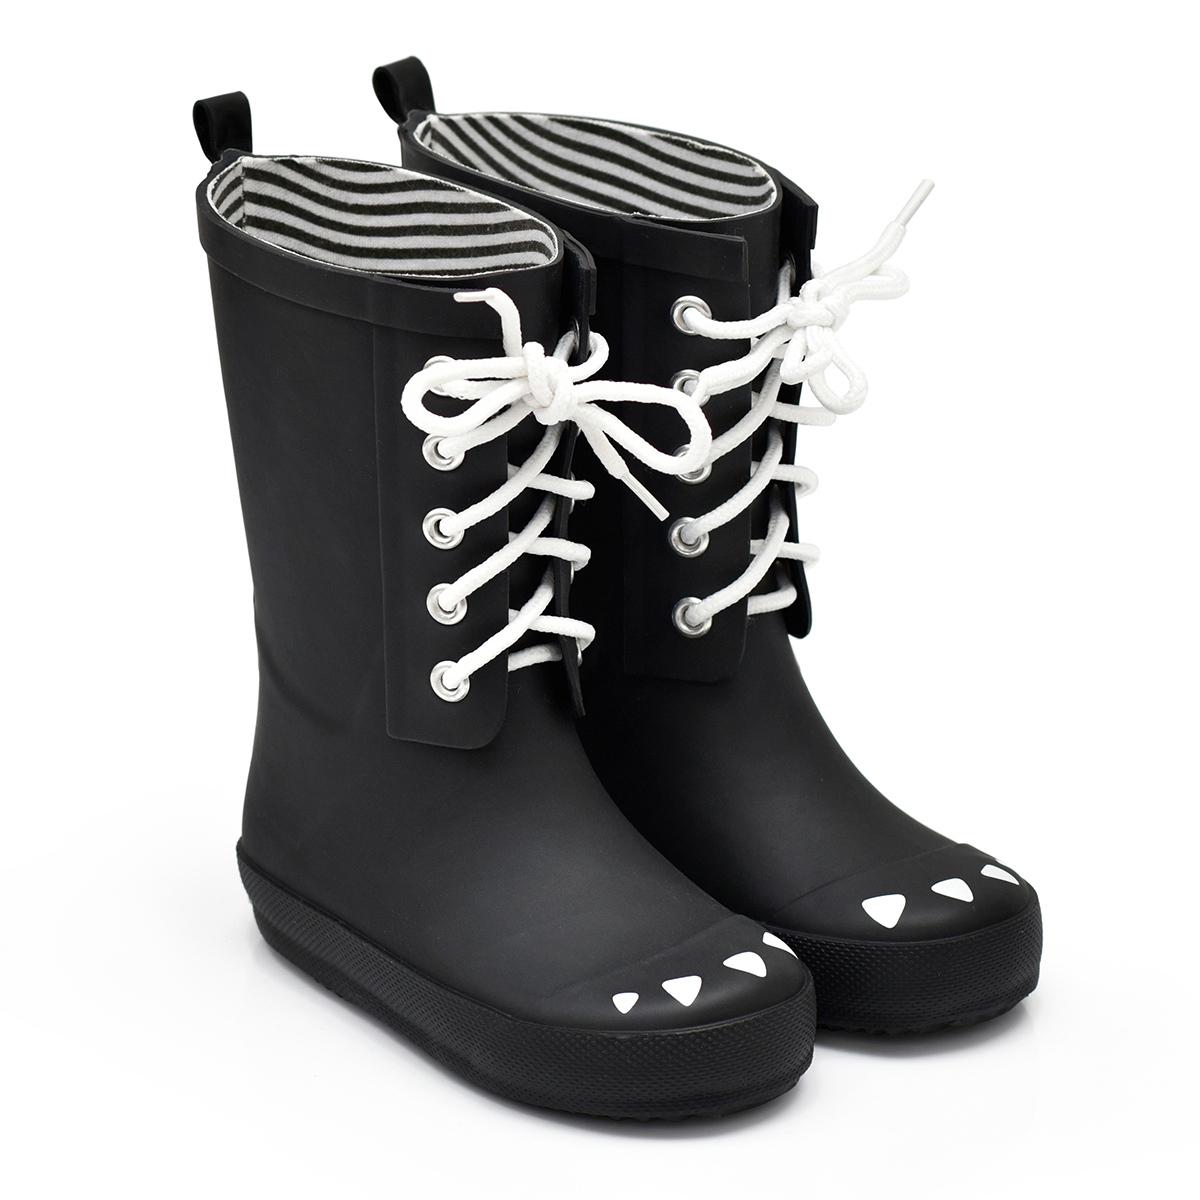 Chaussons & Chaussures Bottes Kerran Noir - 21 Bottes Kerran Noir - 21